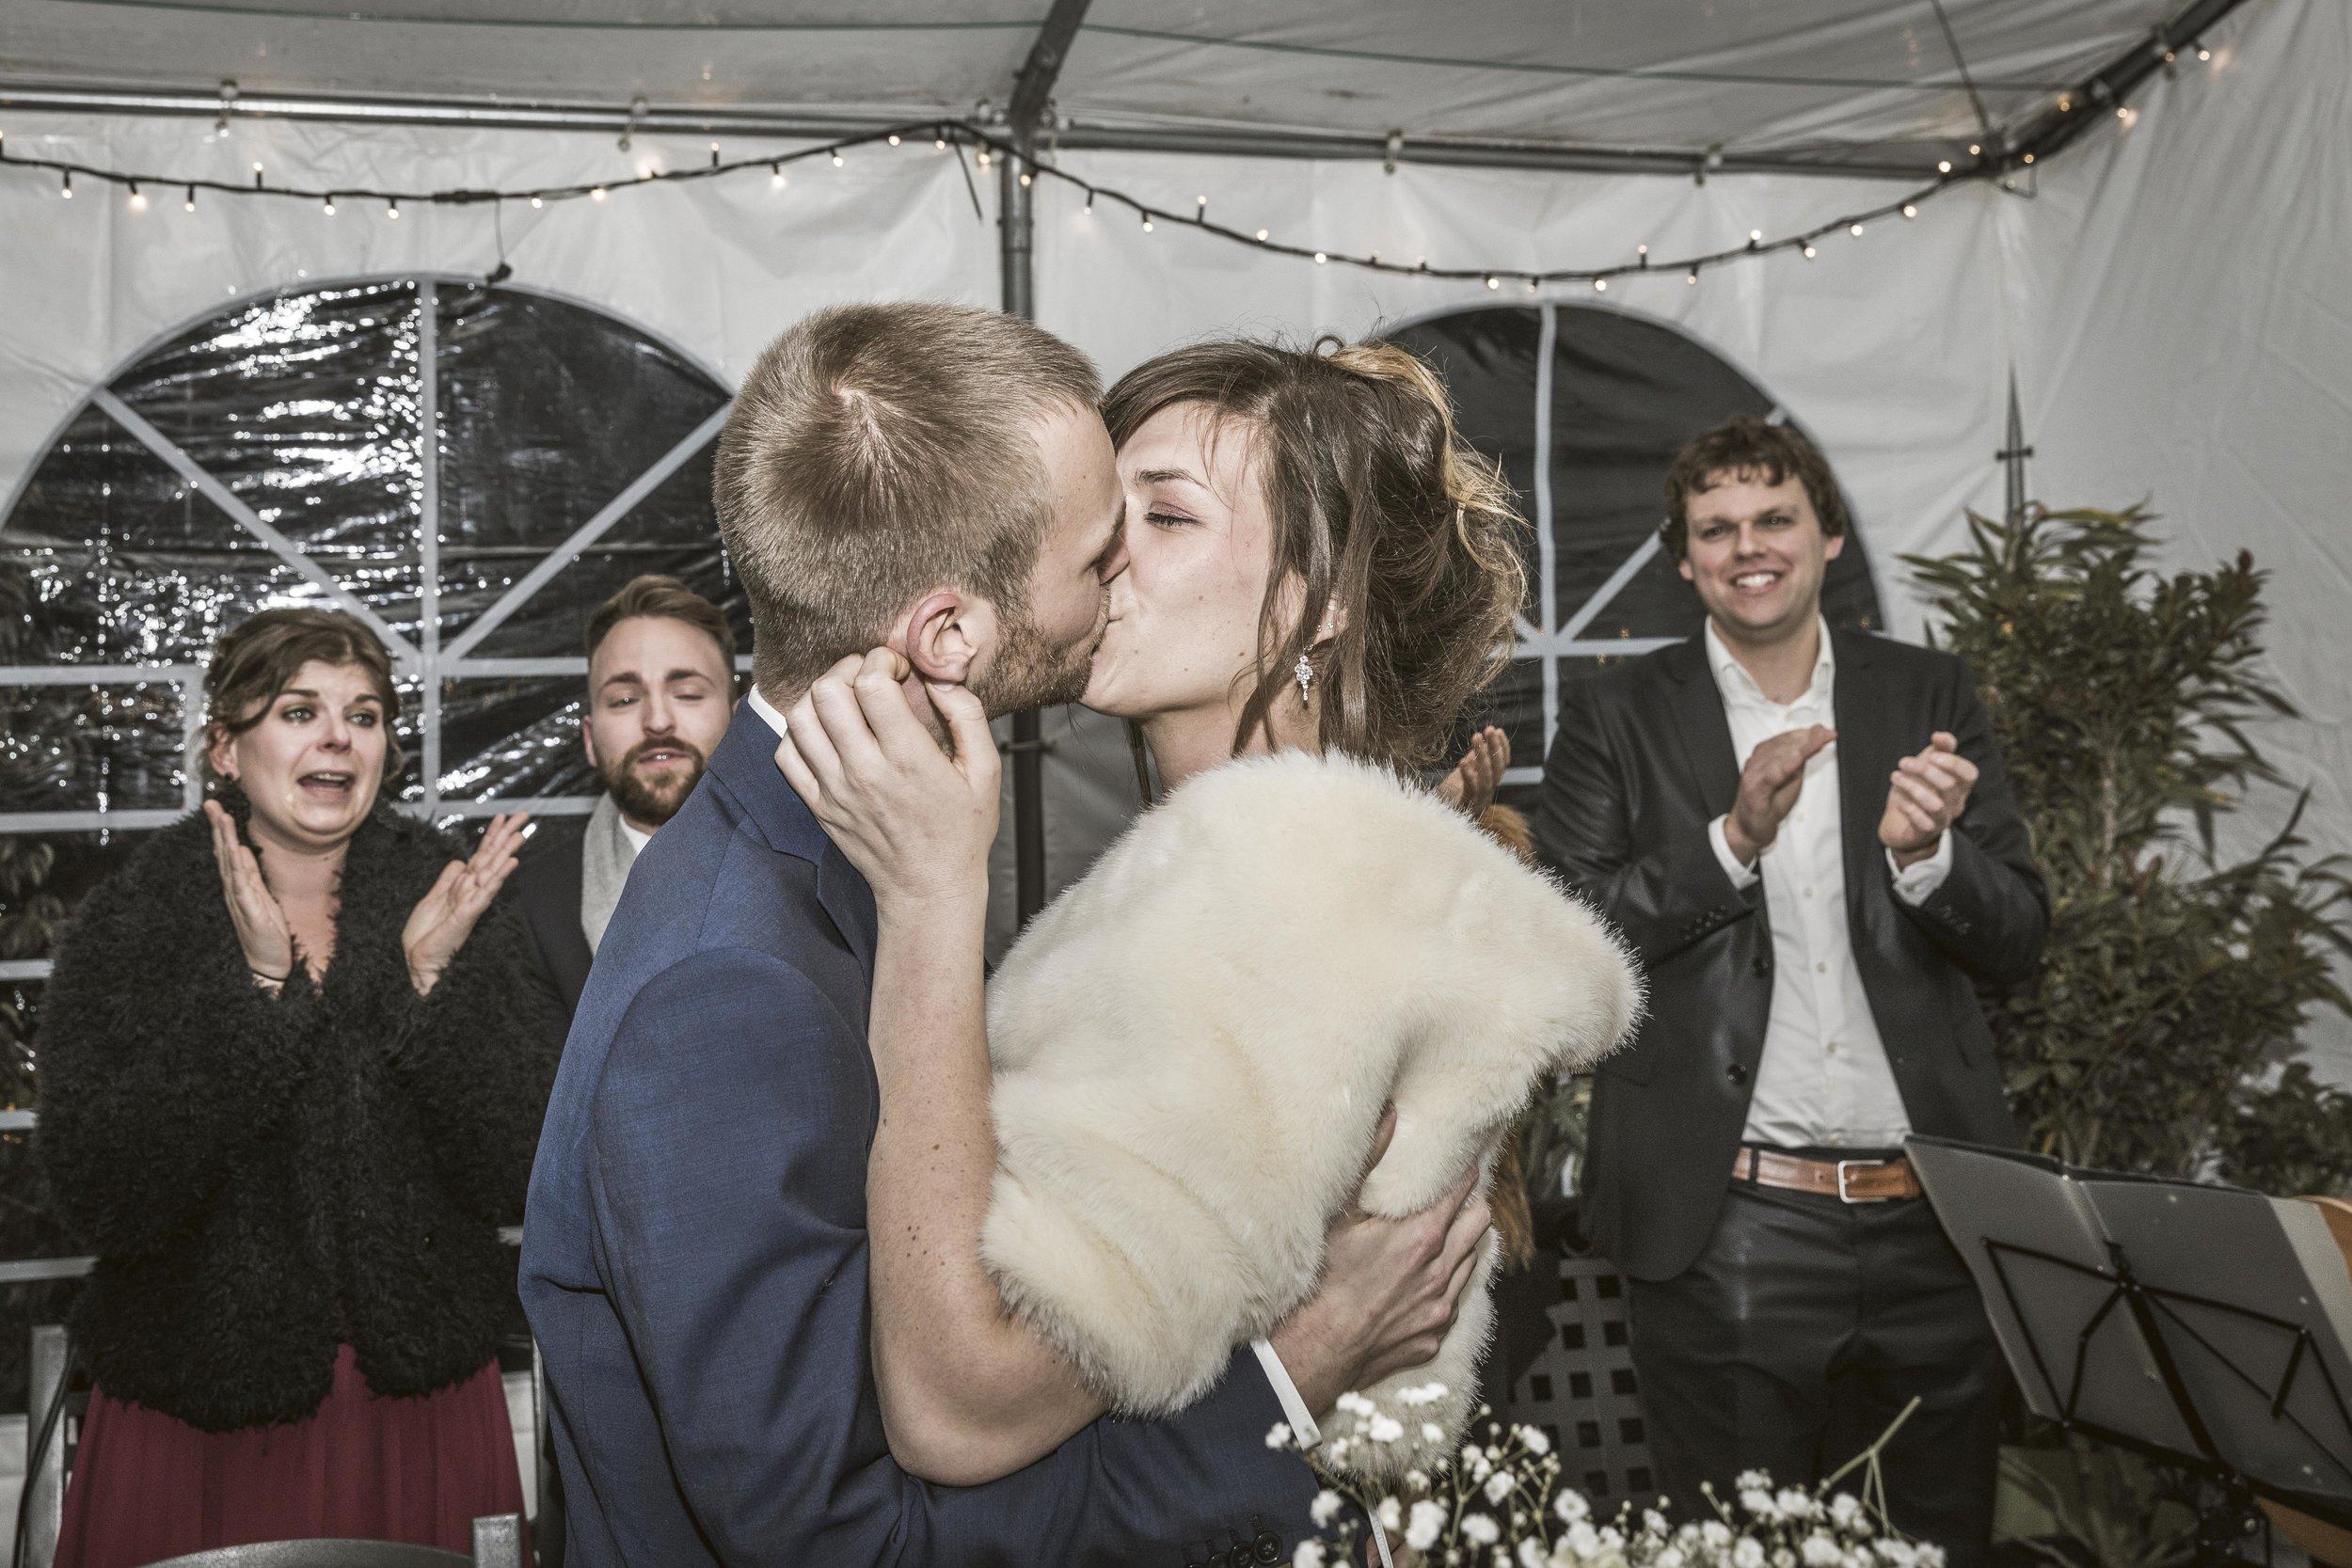 Huwelijk-Karo-Steven-20171216-Alexis-Breugelmans-029.jpg